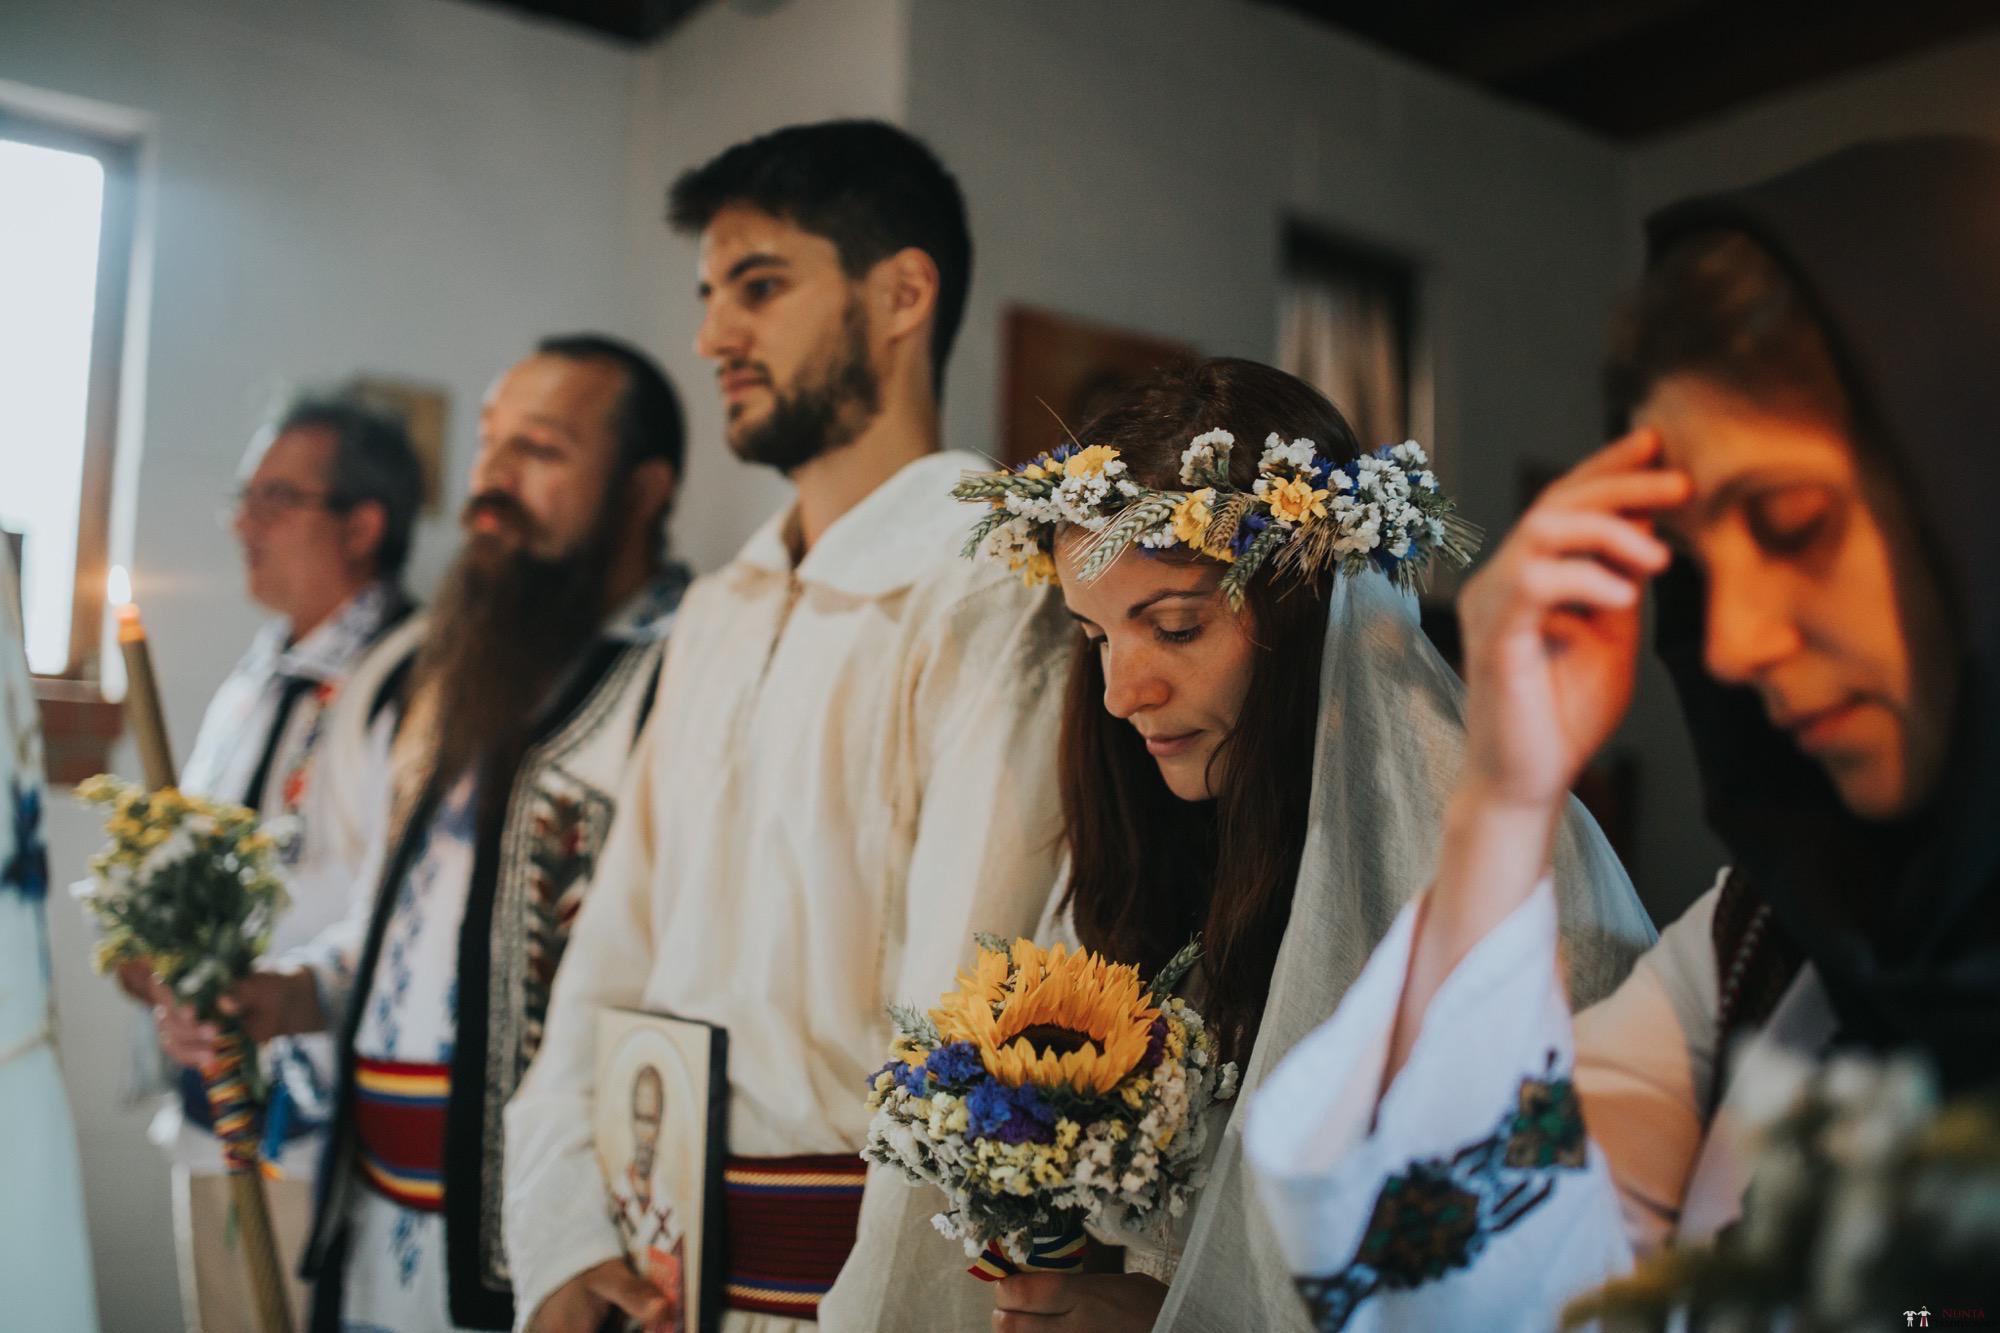 Povești Nunți Tradiționale - Gabriela și Iulian. Nuntă românească în Belgia. 29